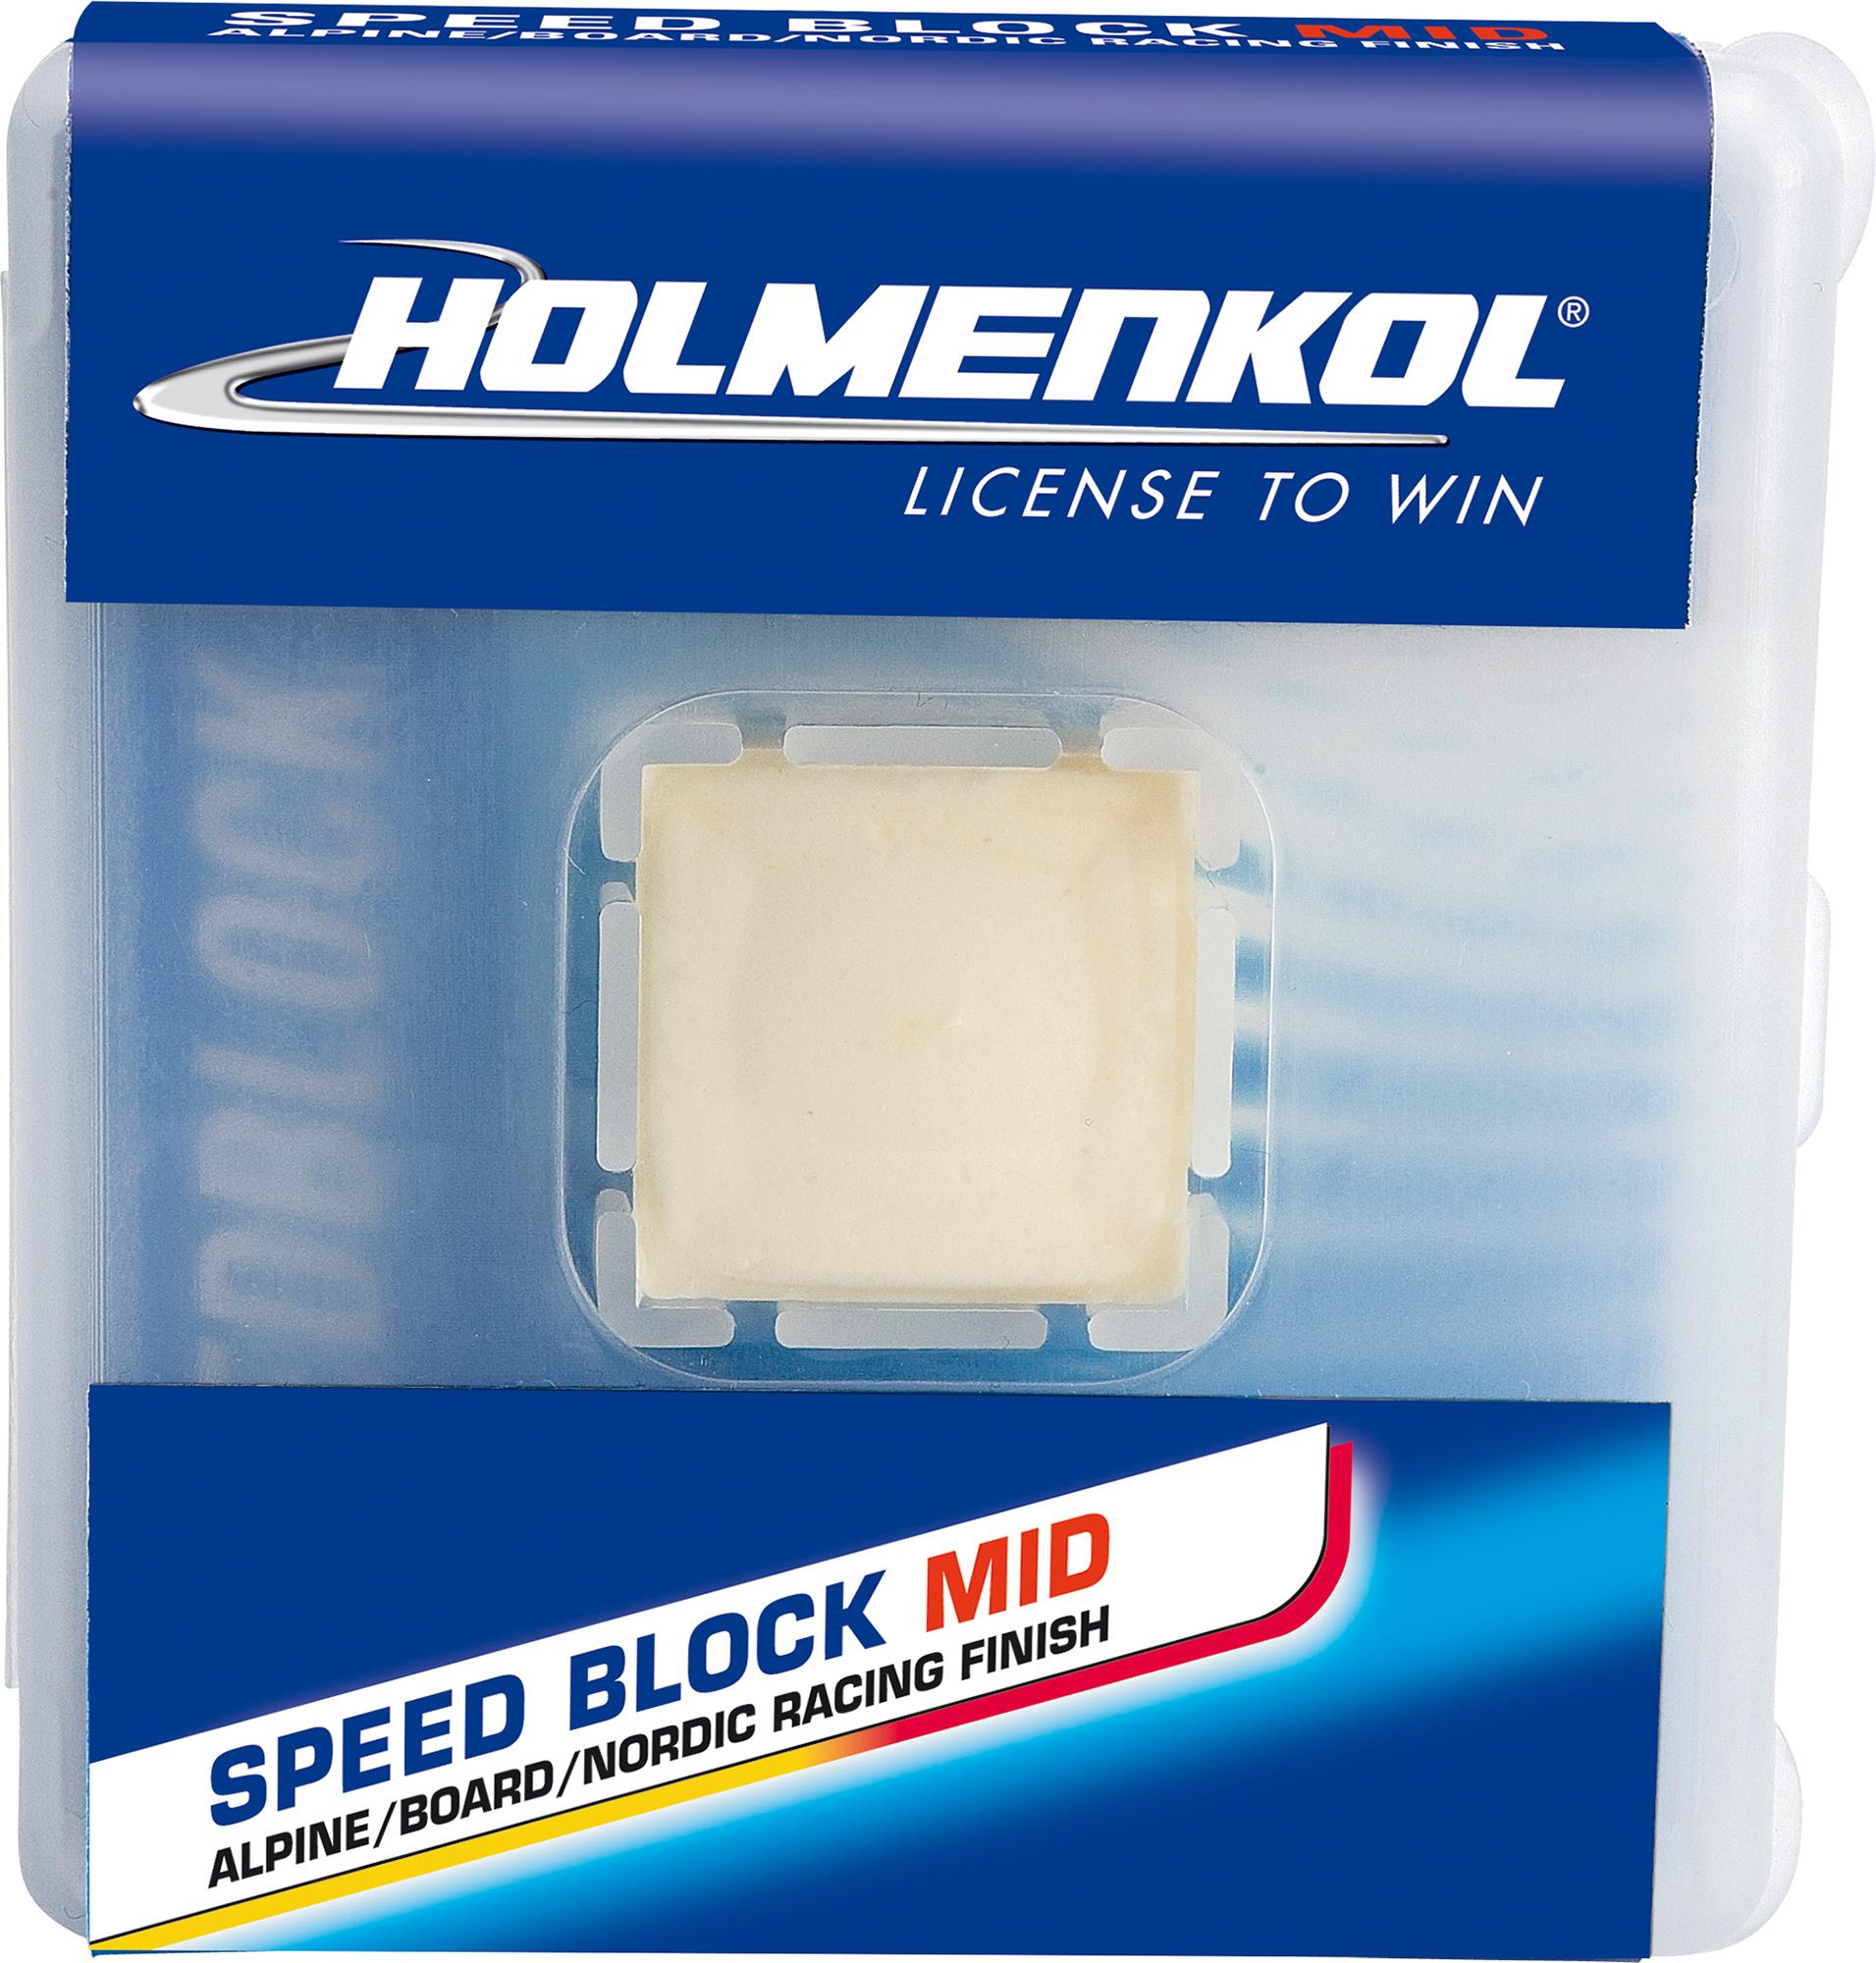 Holmenkol Порошок фторуглеродный для лыж и сноубордов HOLMENKOL Speed BlockMID